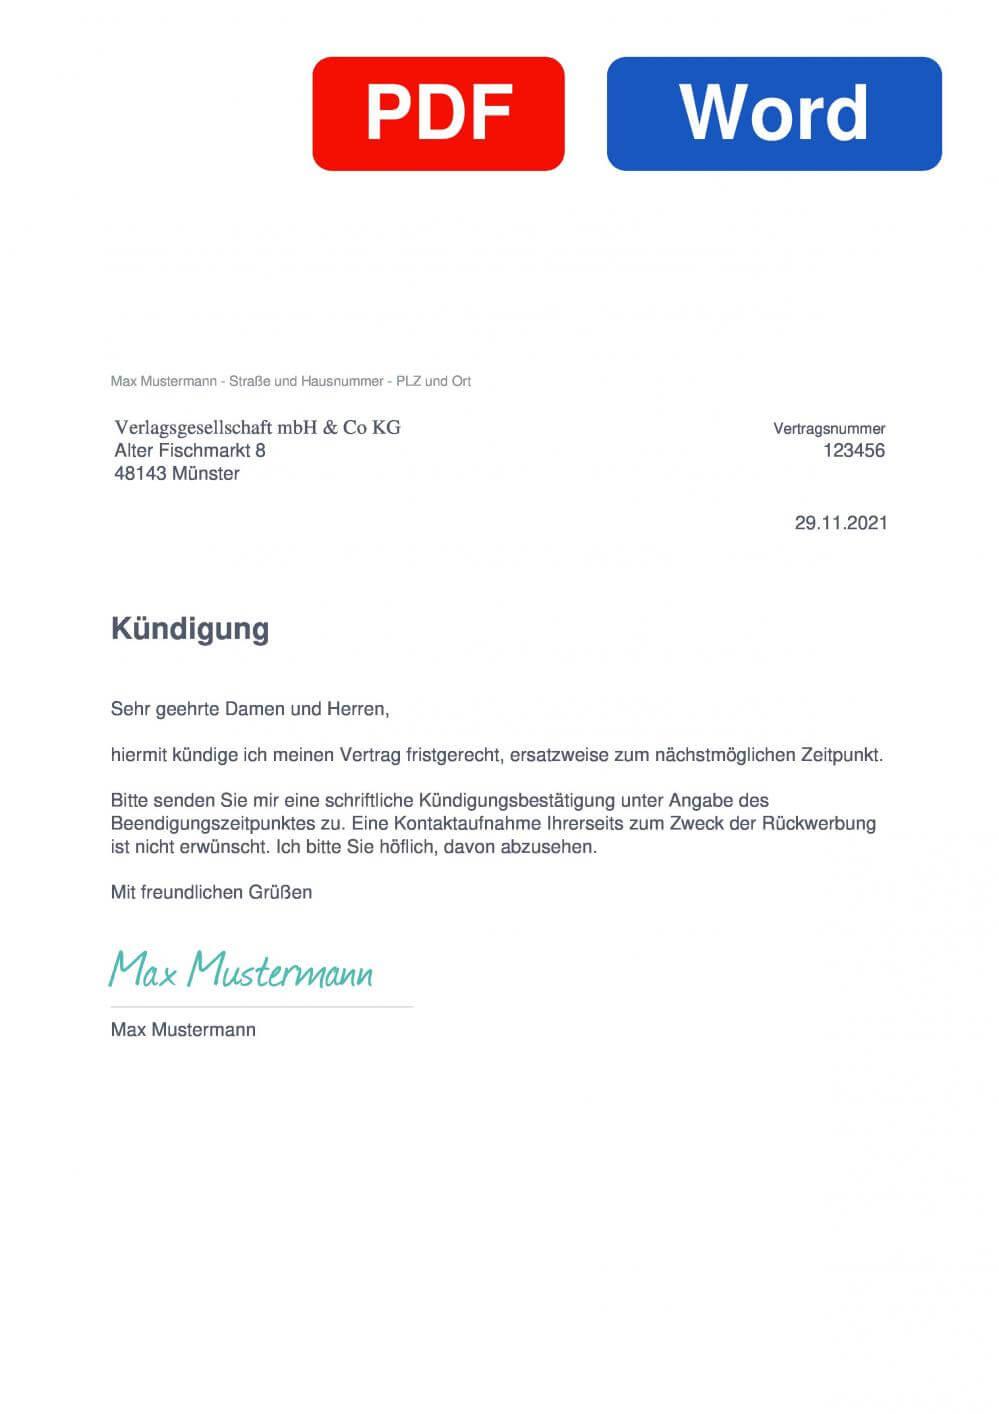 Alpmann Schmidt Muster Vorlage für Kündigungsschreiben